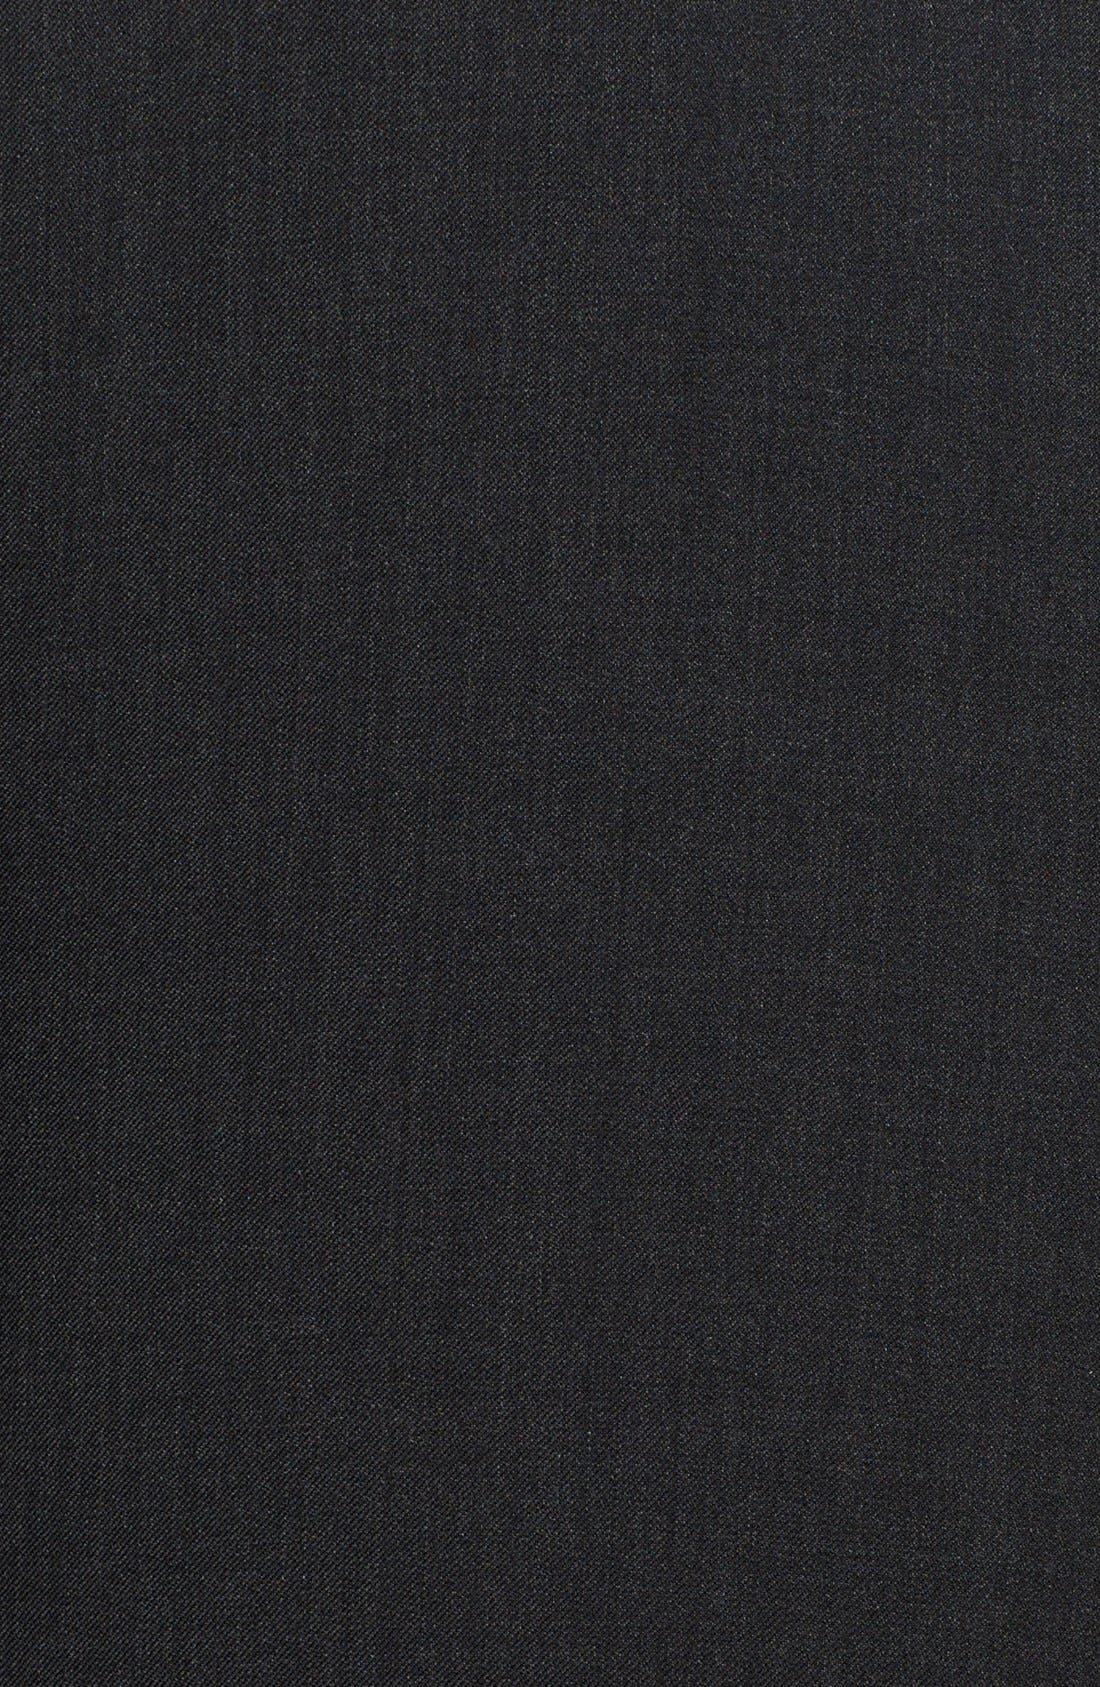 'G-Line' Trim Fit Solid Wool Suit,                             Alternate thumbnail 13, color,                             020